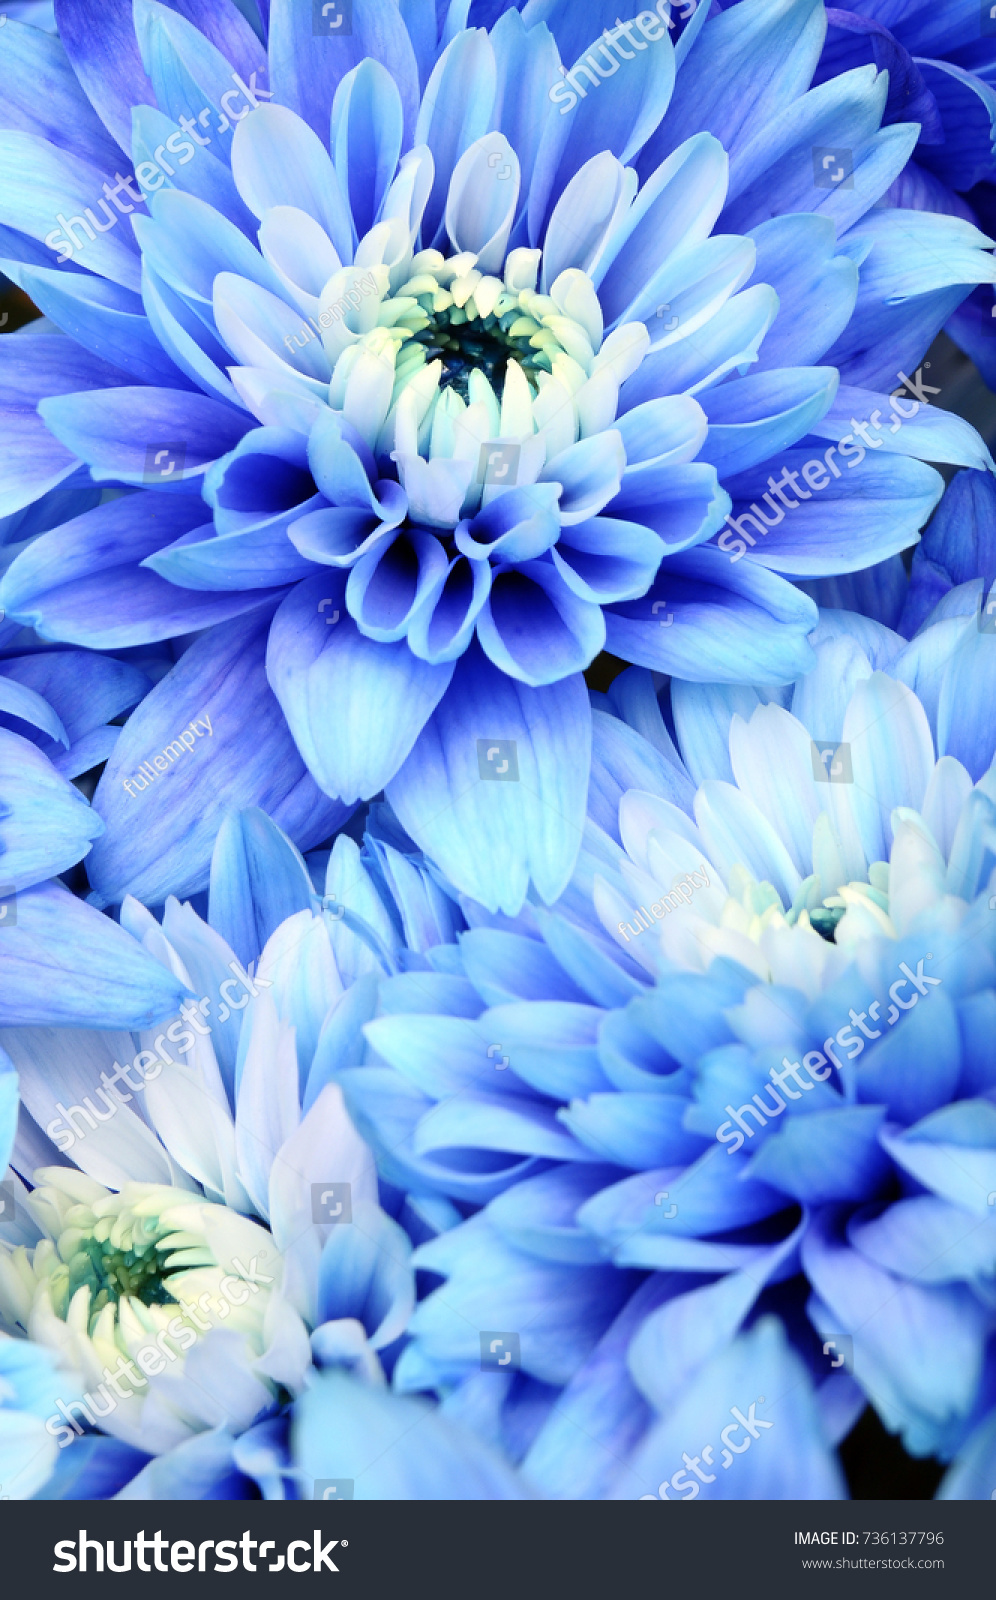 Blue Flowers Background Blue Petals Pistils Stock Photo Edit Now